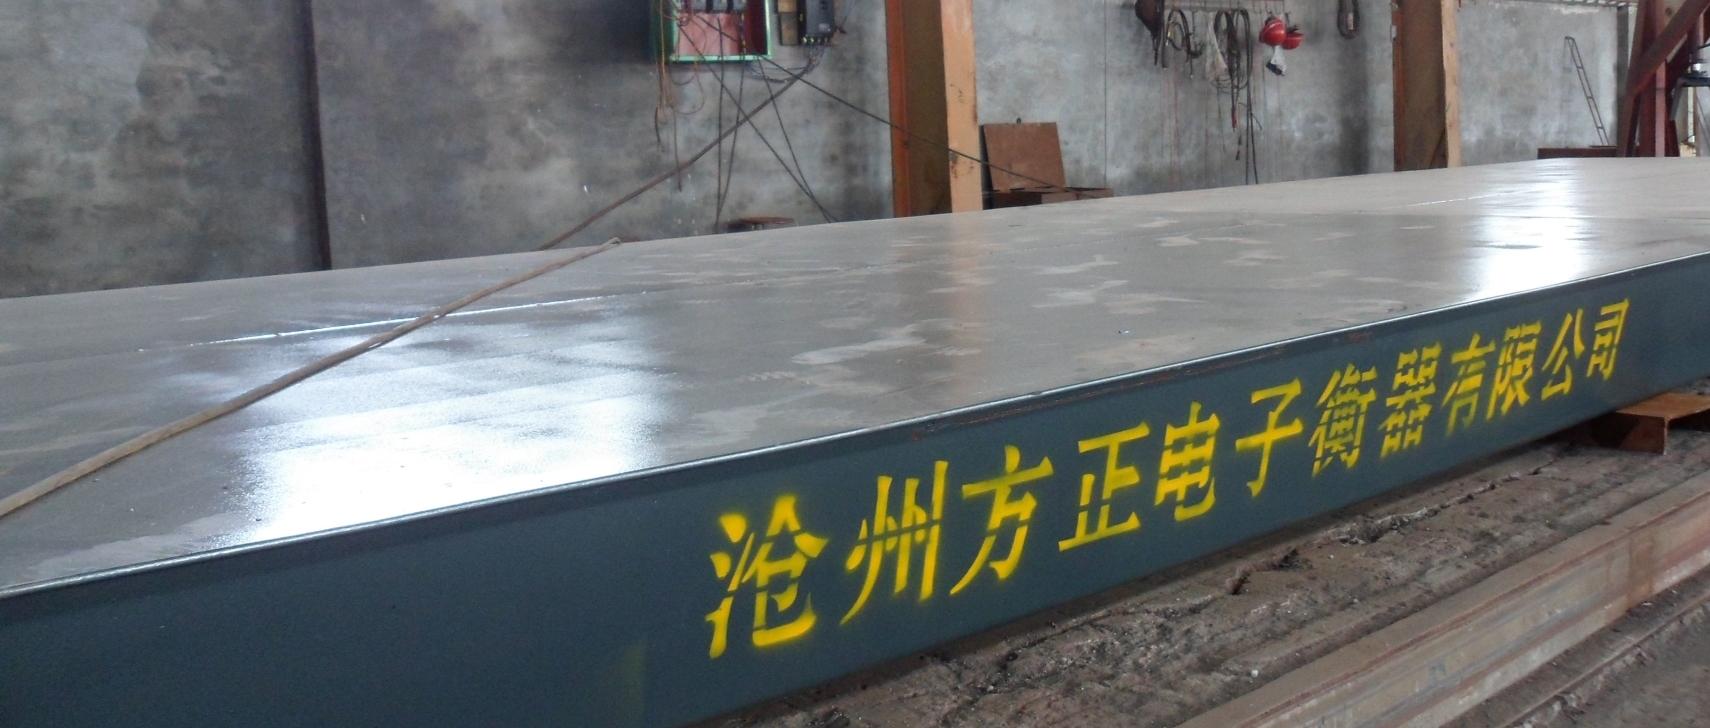 专业制作大地磅厂家,1吨-200吨地磅沧州方正公司负责运送安